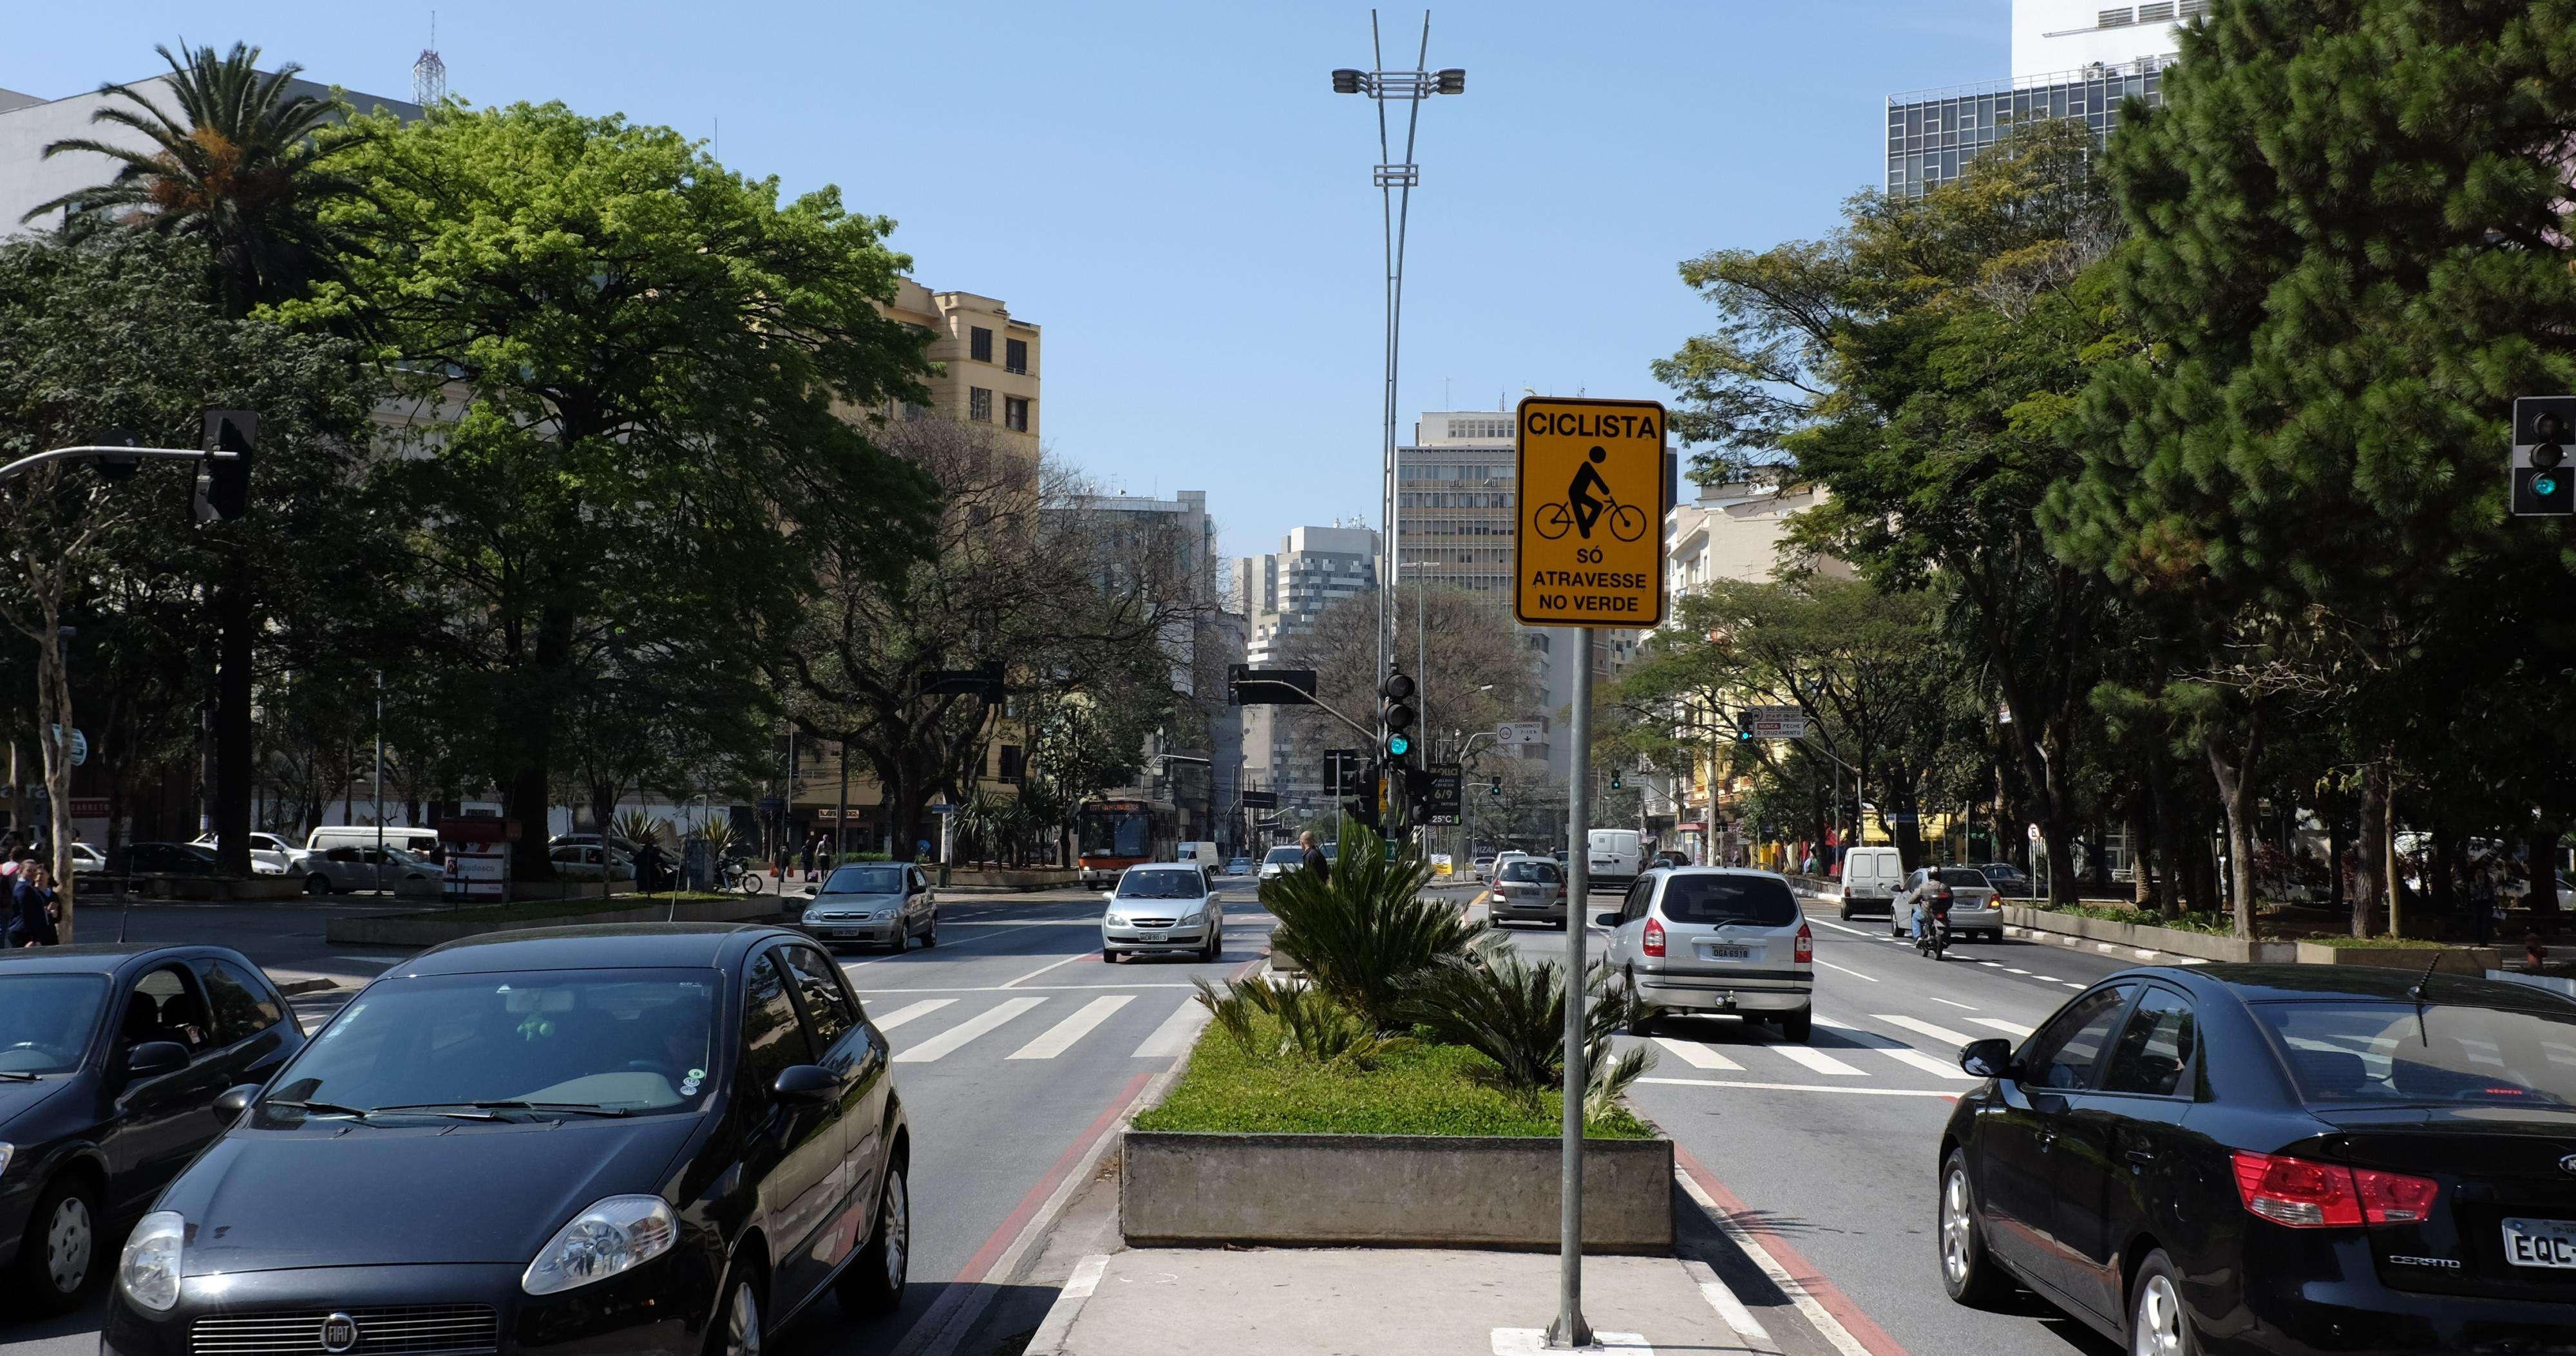 A avenida Paulista deve receber uma ciclovia permanente no ano que vem, segundo a prefeitura Foto: Kelsen Fernandes/Fotos Públicas